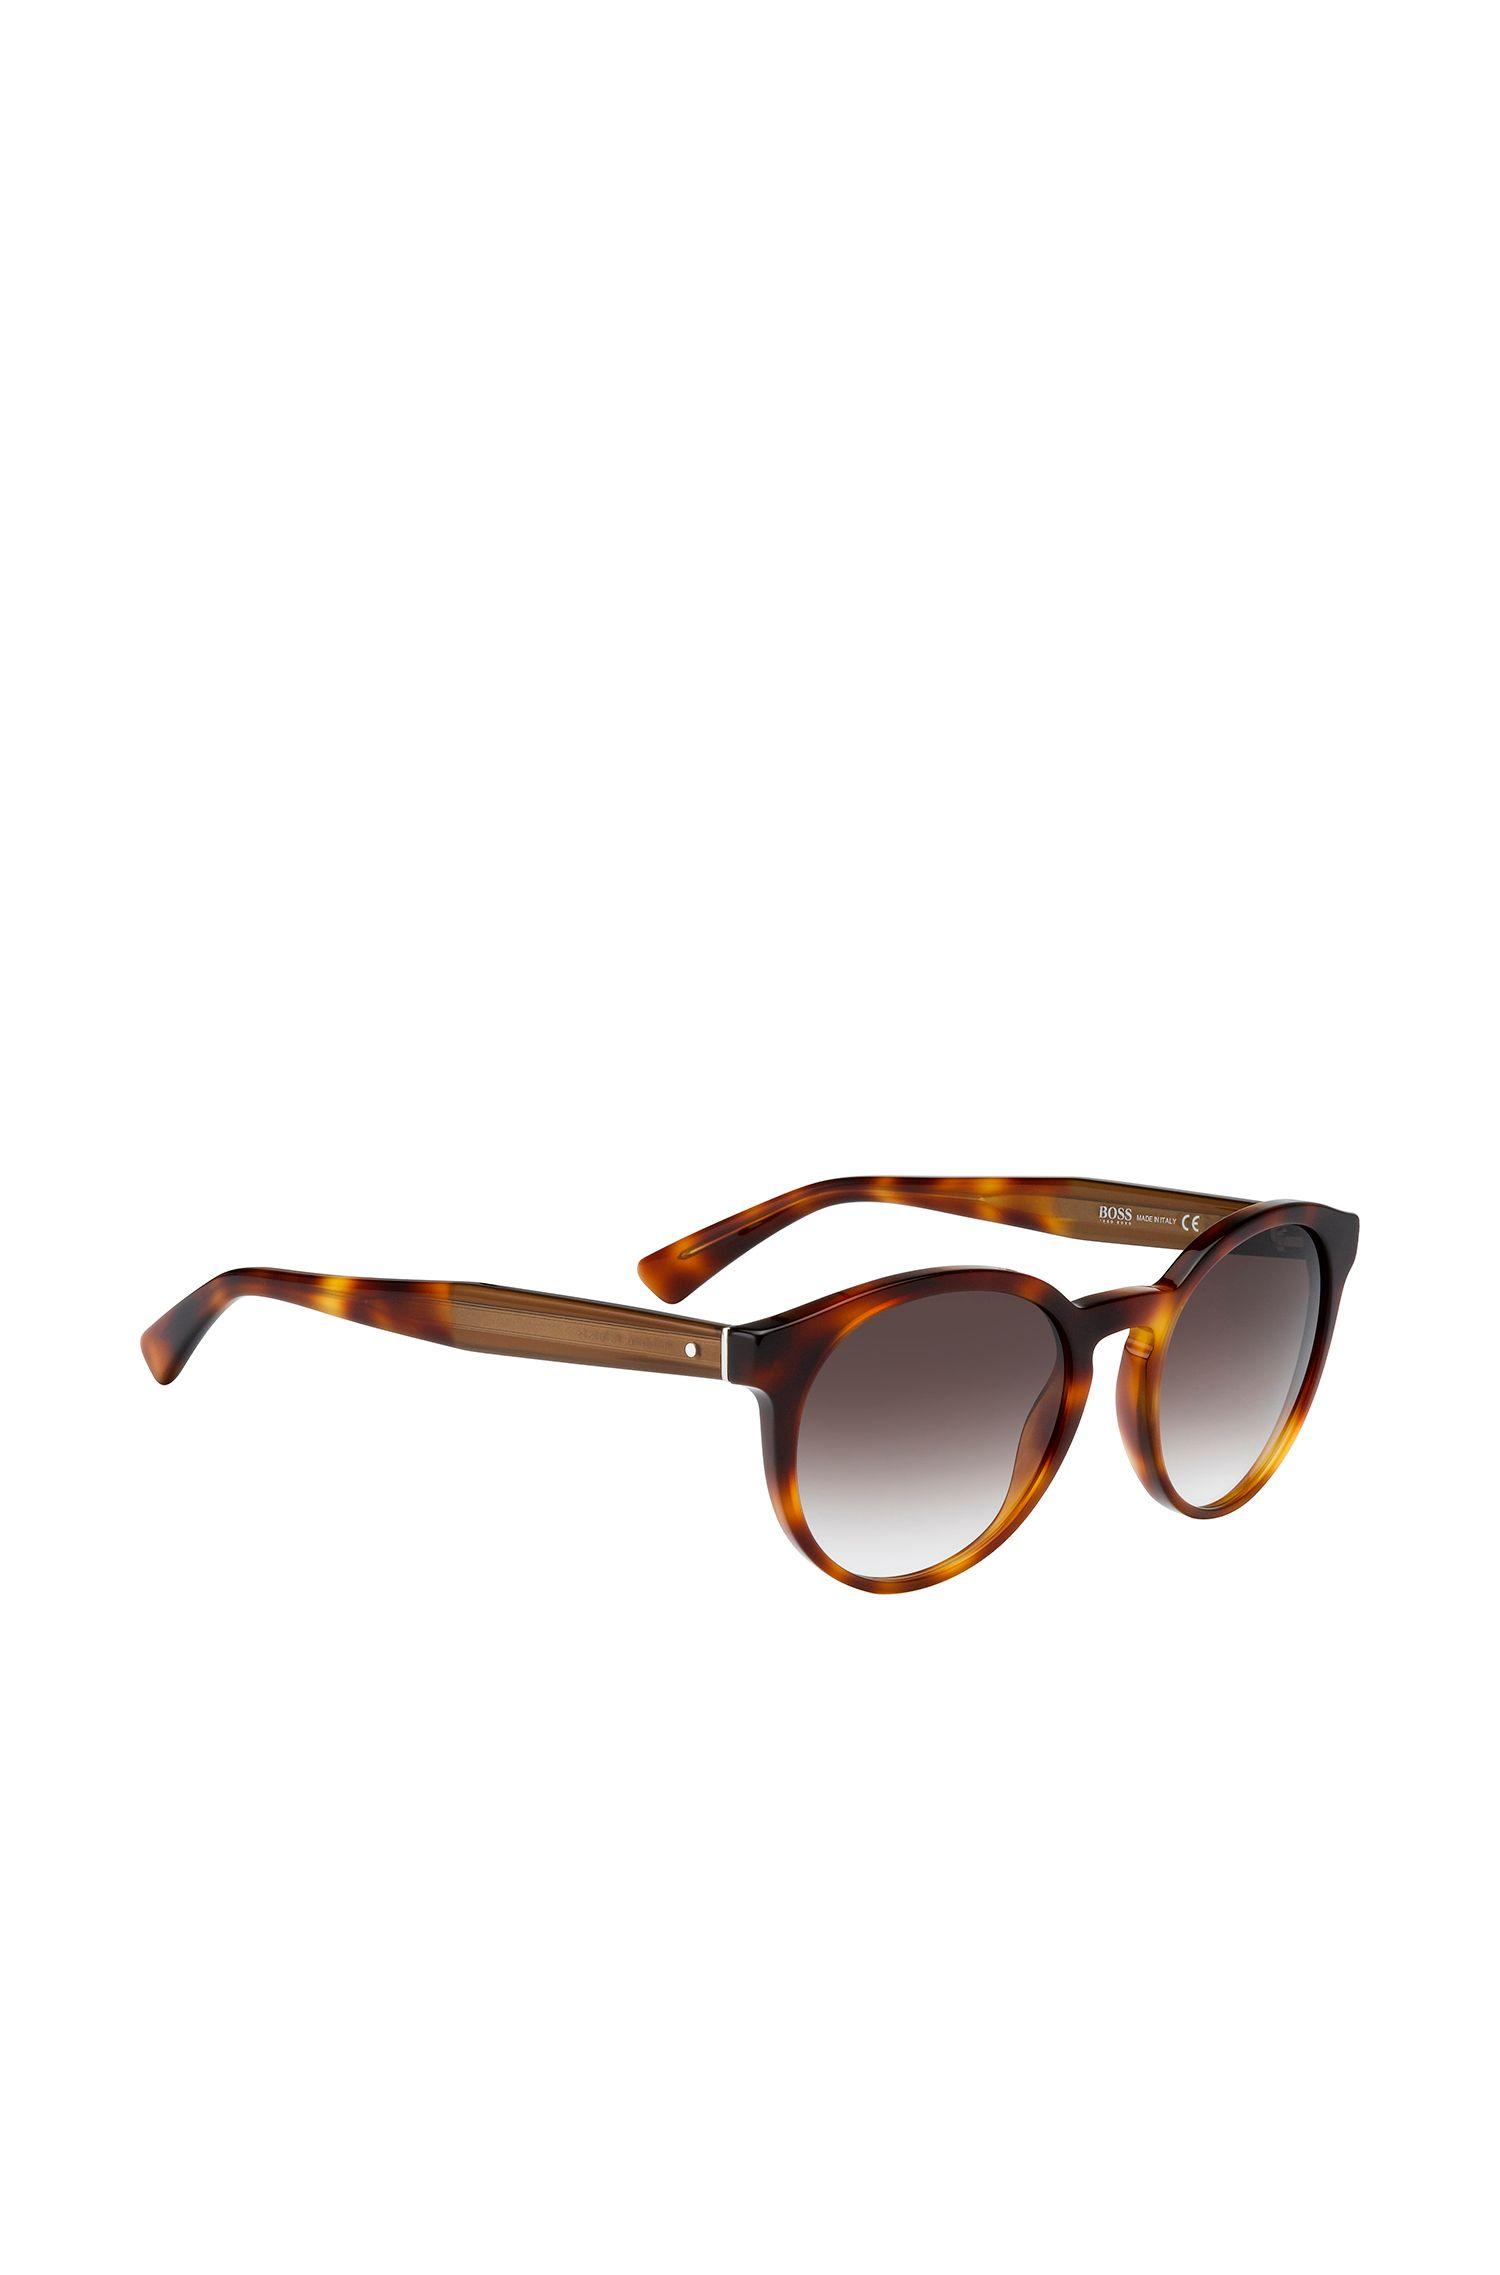 Lunettes de soleil marron, style Panto: «BOSS 0794/S»